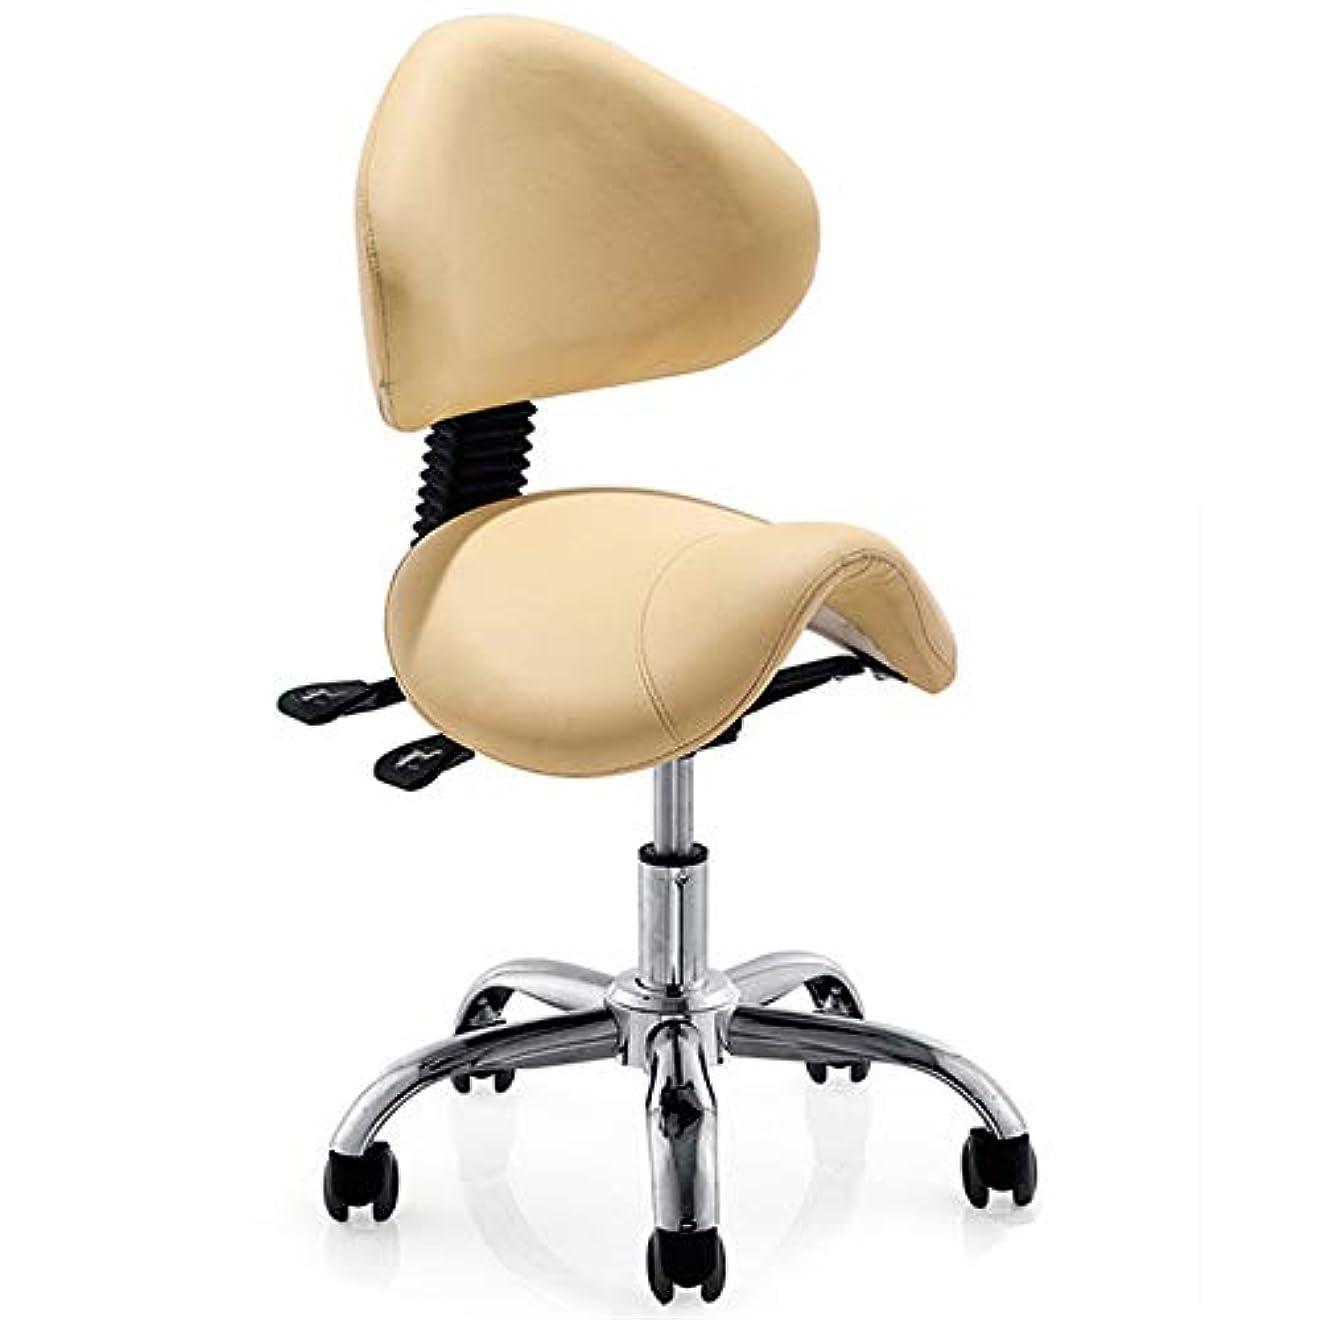 ノミネート憂鬱な活性化サロンチェア油圧理髪店チェアサロンスパモデリングチェアファッションエレガントなデザイン回転可能な調節可能な高さ取り外し可能な背もたれ5ローラー,Yellow